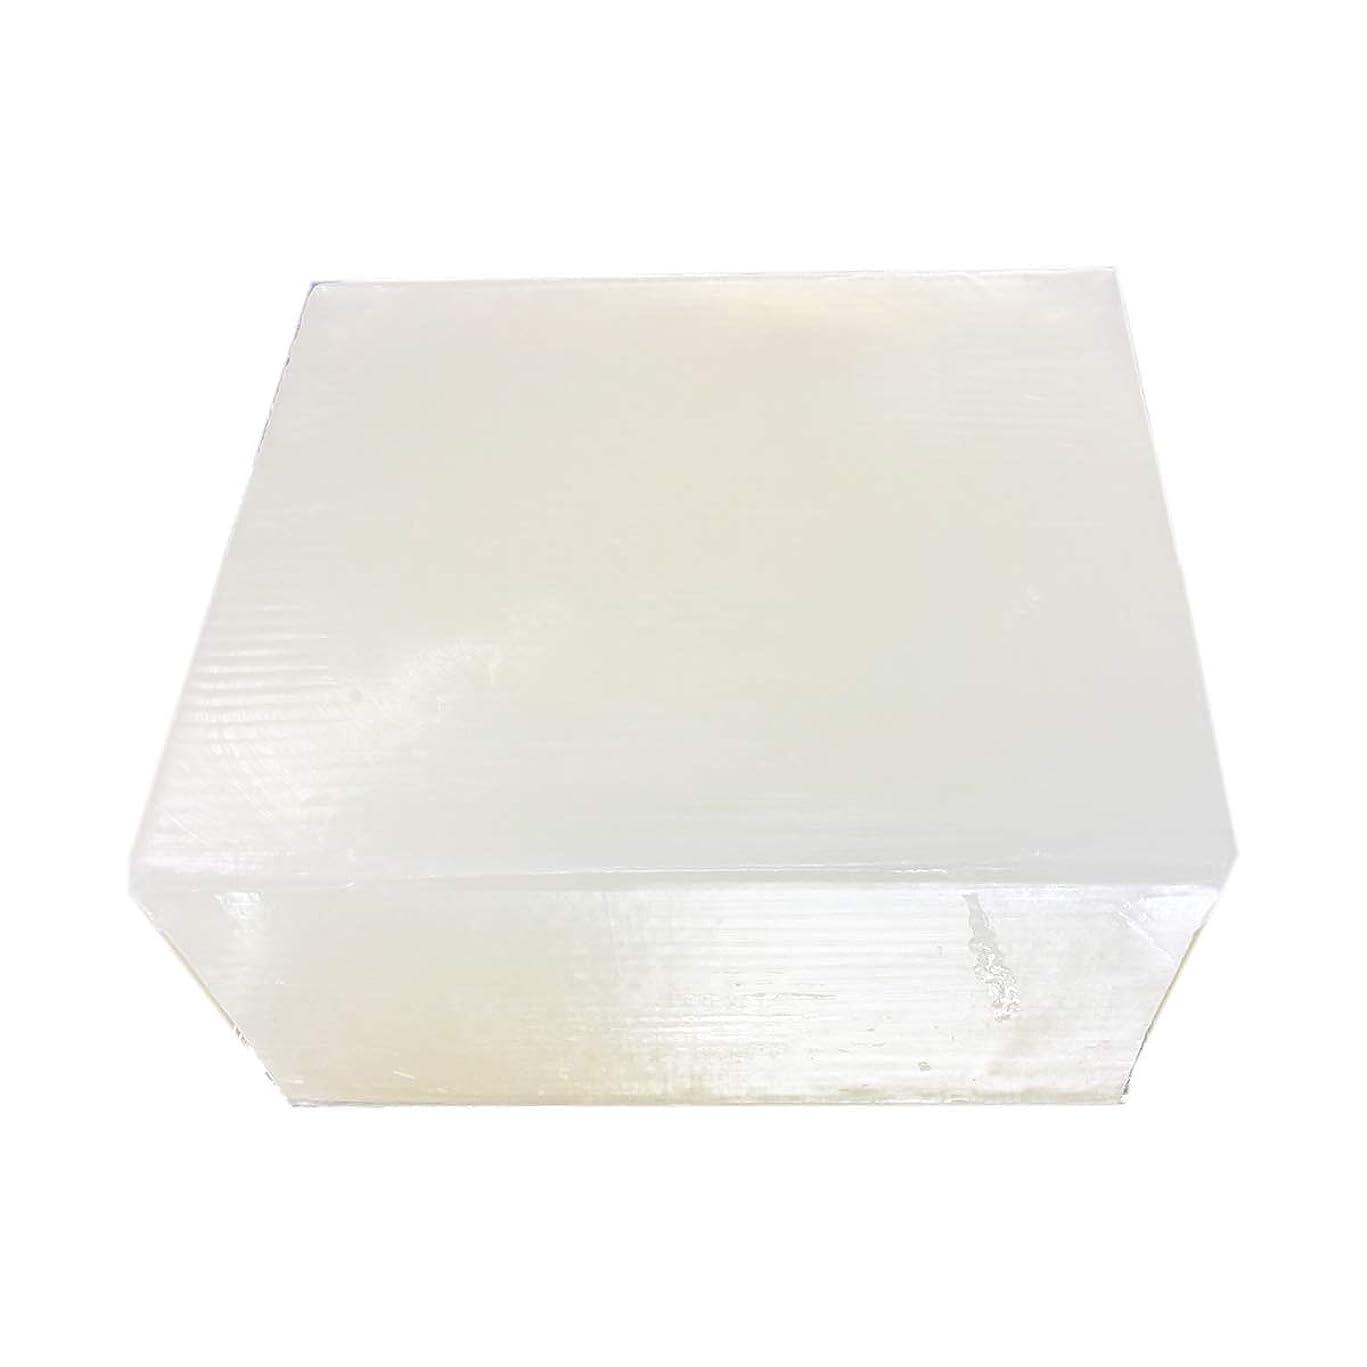 レーザ些細なプロペラグリセリンソープ(MPソープ)11.4kg(11,400g?1塊り)クリア